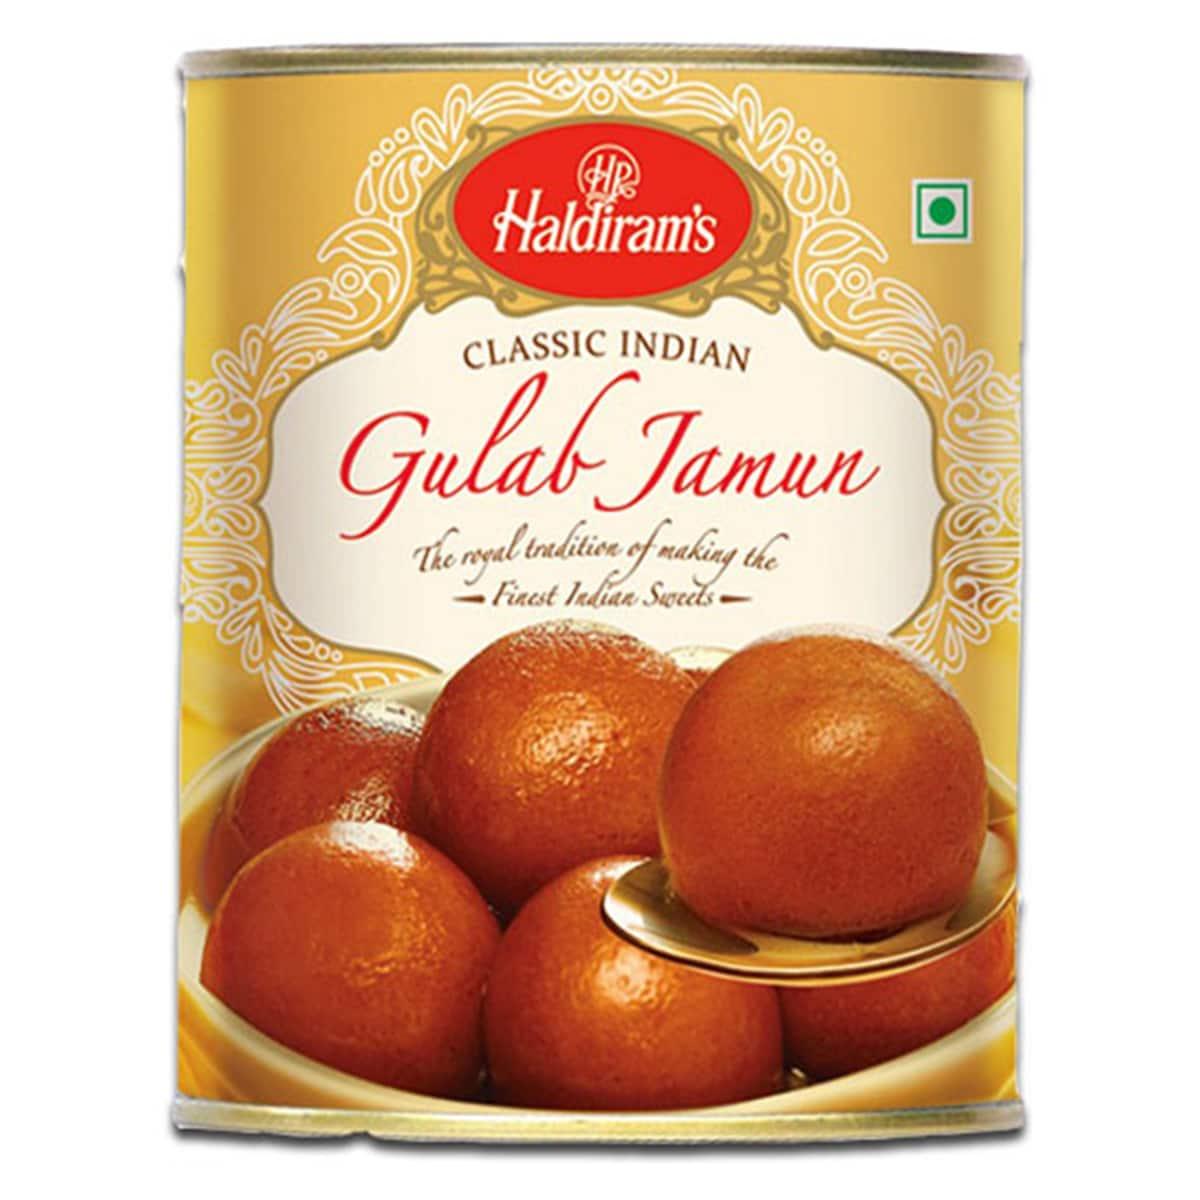 Buy Haldirams Gulab Jamun - 1 kg